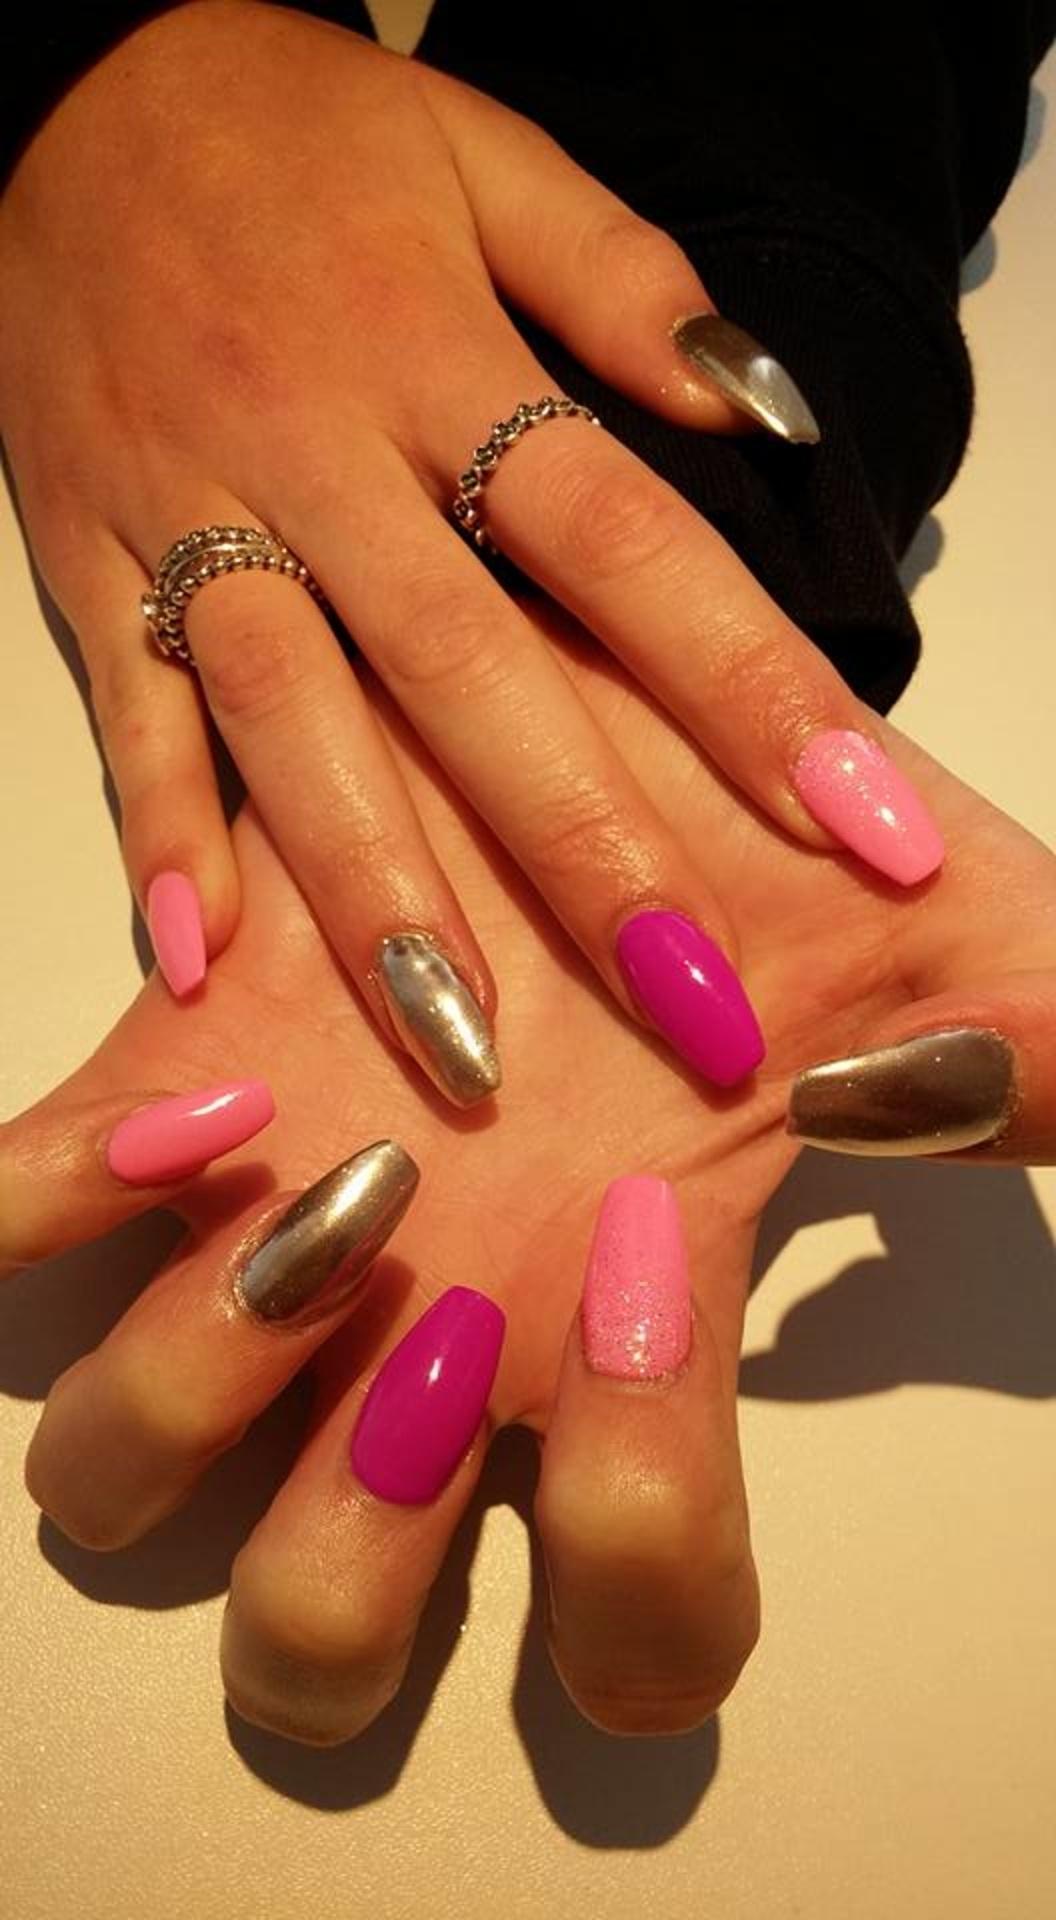 Kostenlose foto : Hand, Bein, Finger, Rosa, bilden, Maniküre ...